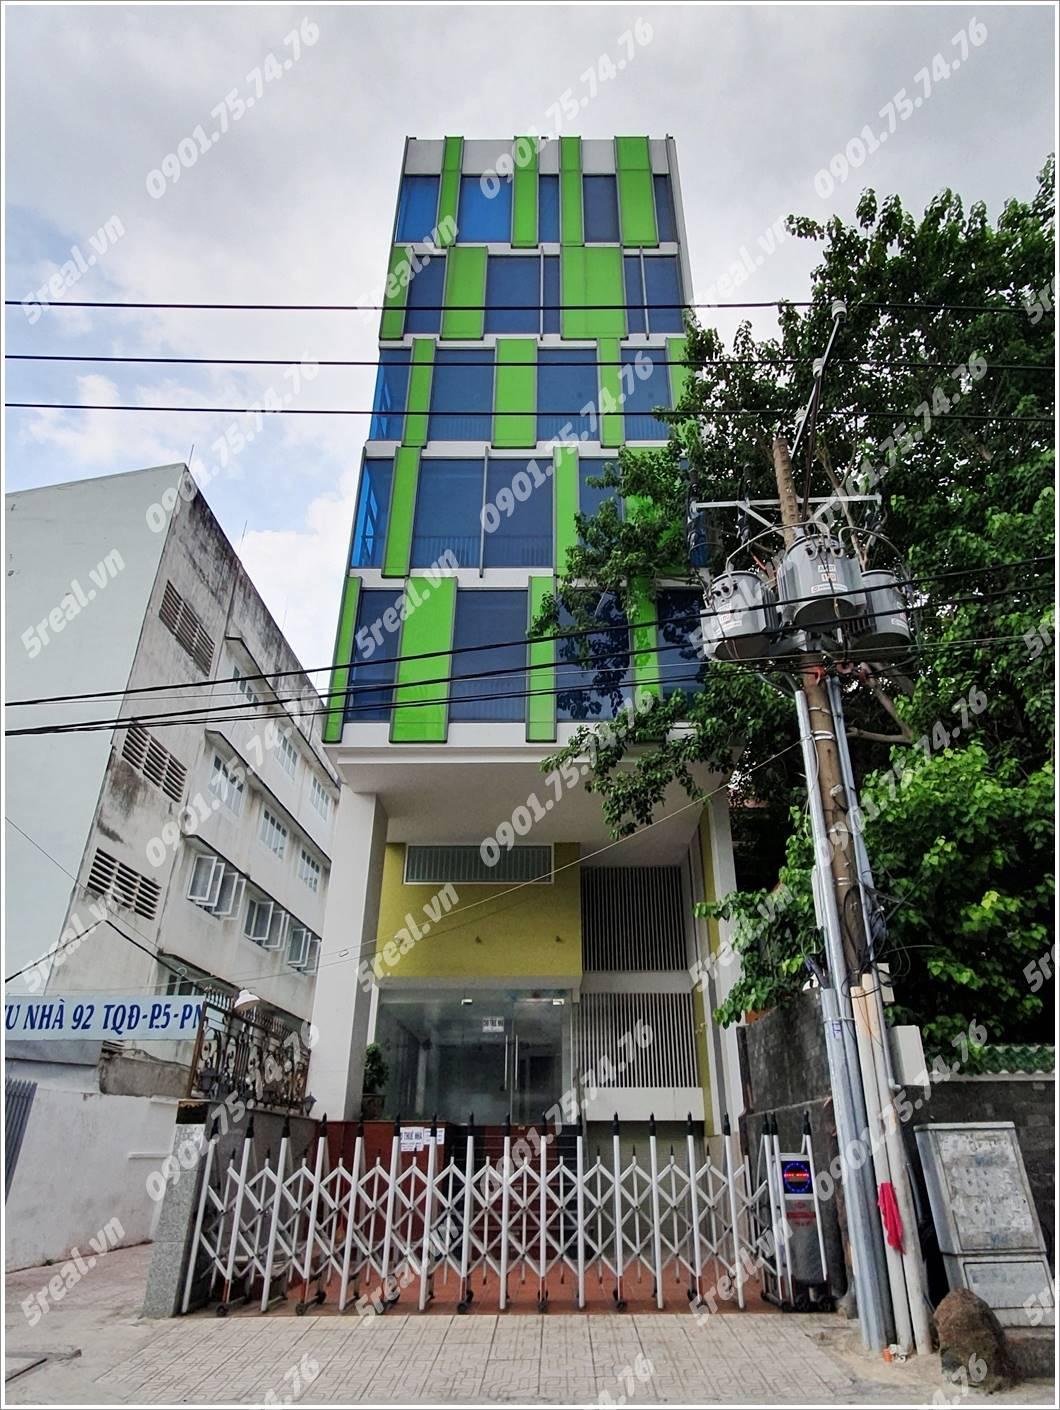 92-thich-quang-duc-van-phong-cho-thue-quan-phu-nhuan-5real.vn-01